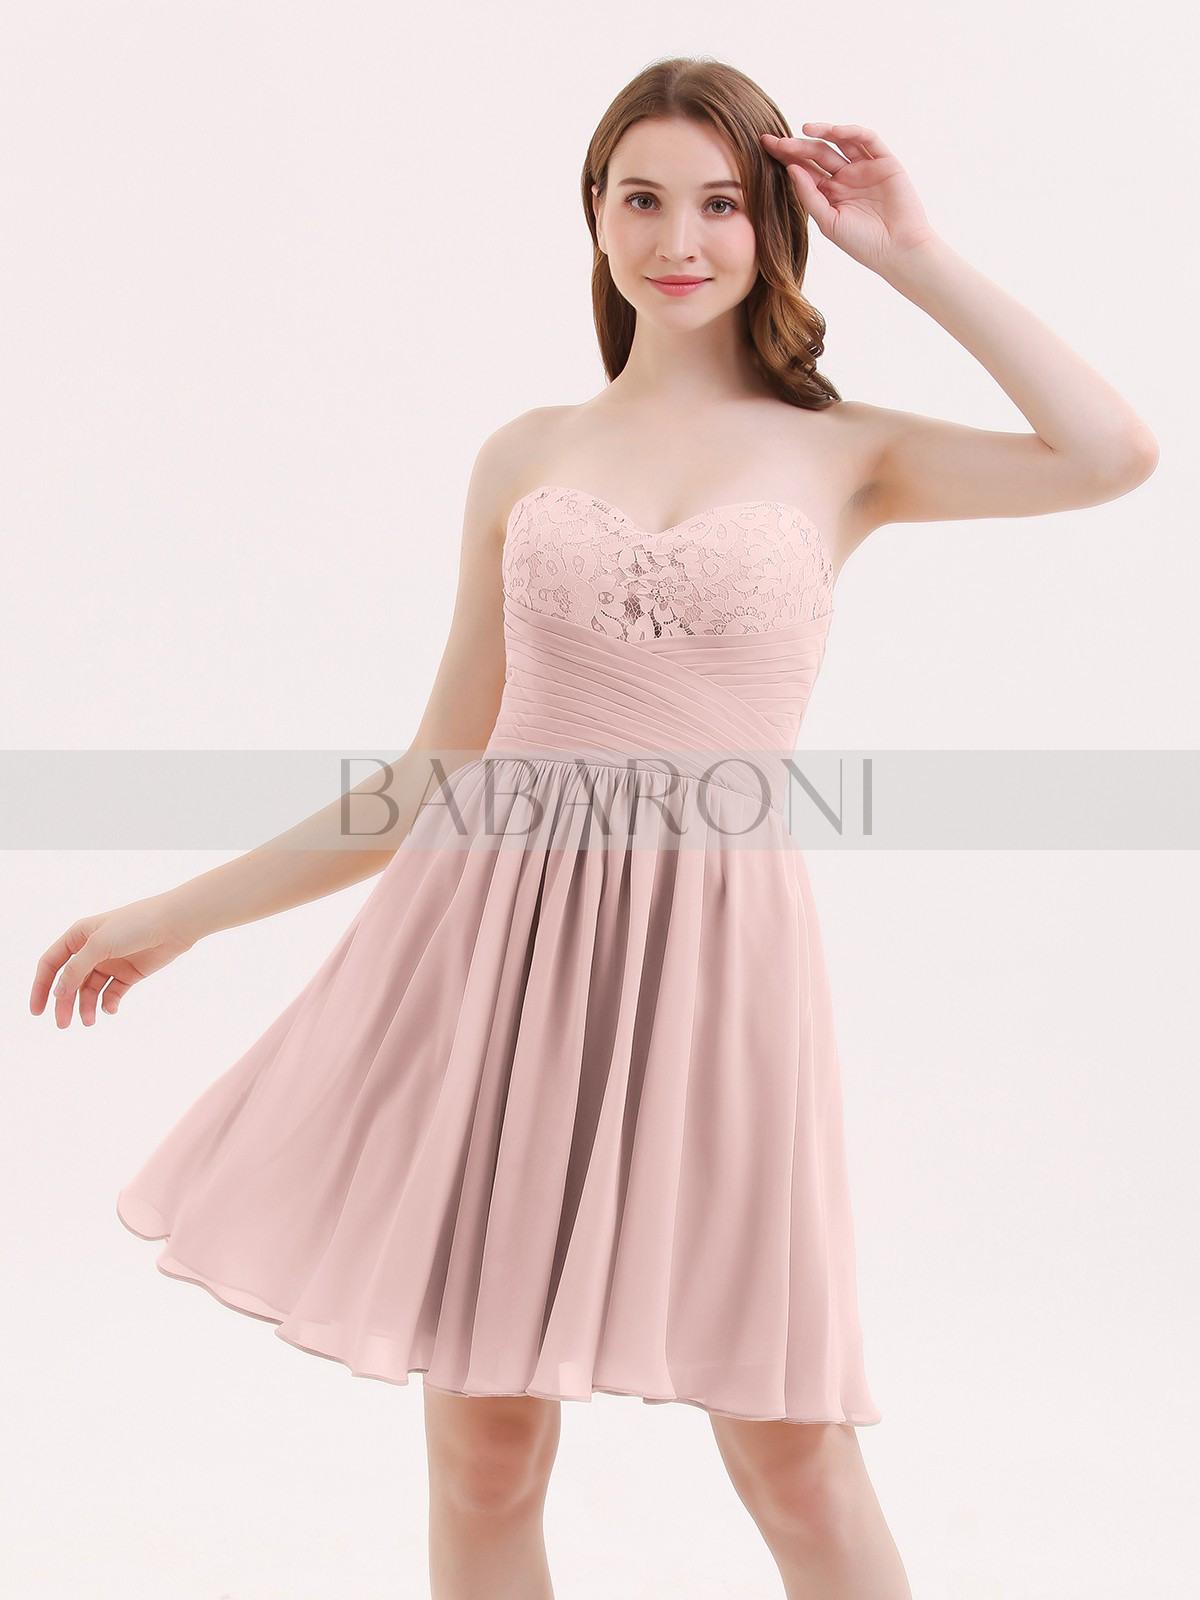 10 Wunderbar Rosa Kleid Kurz Design10 Fantastisch Rosa Kleid Kurz Design